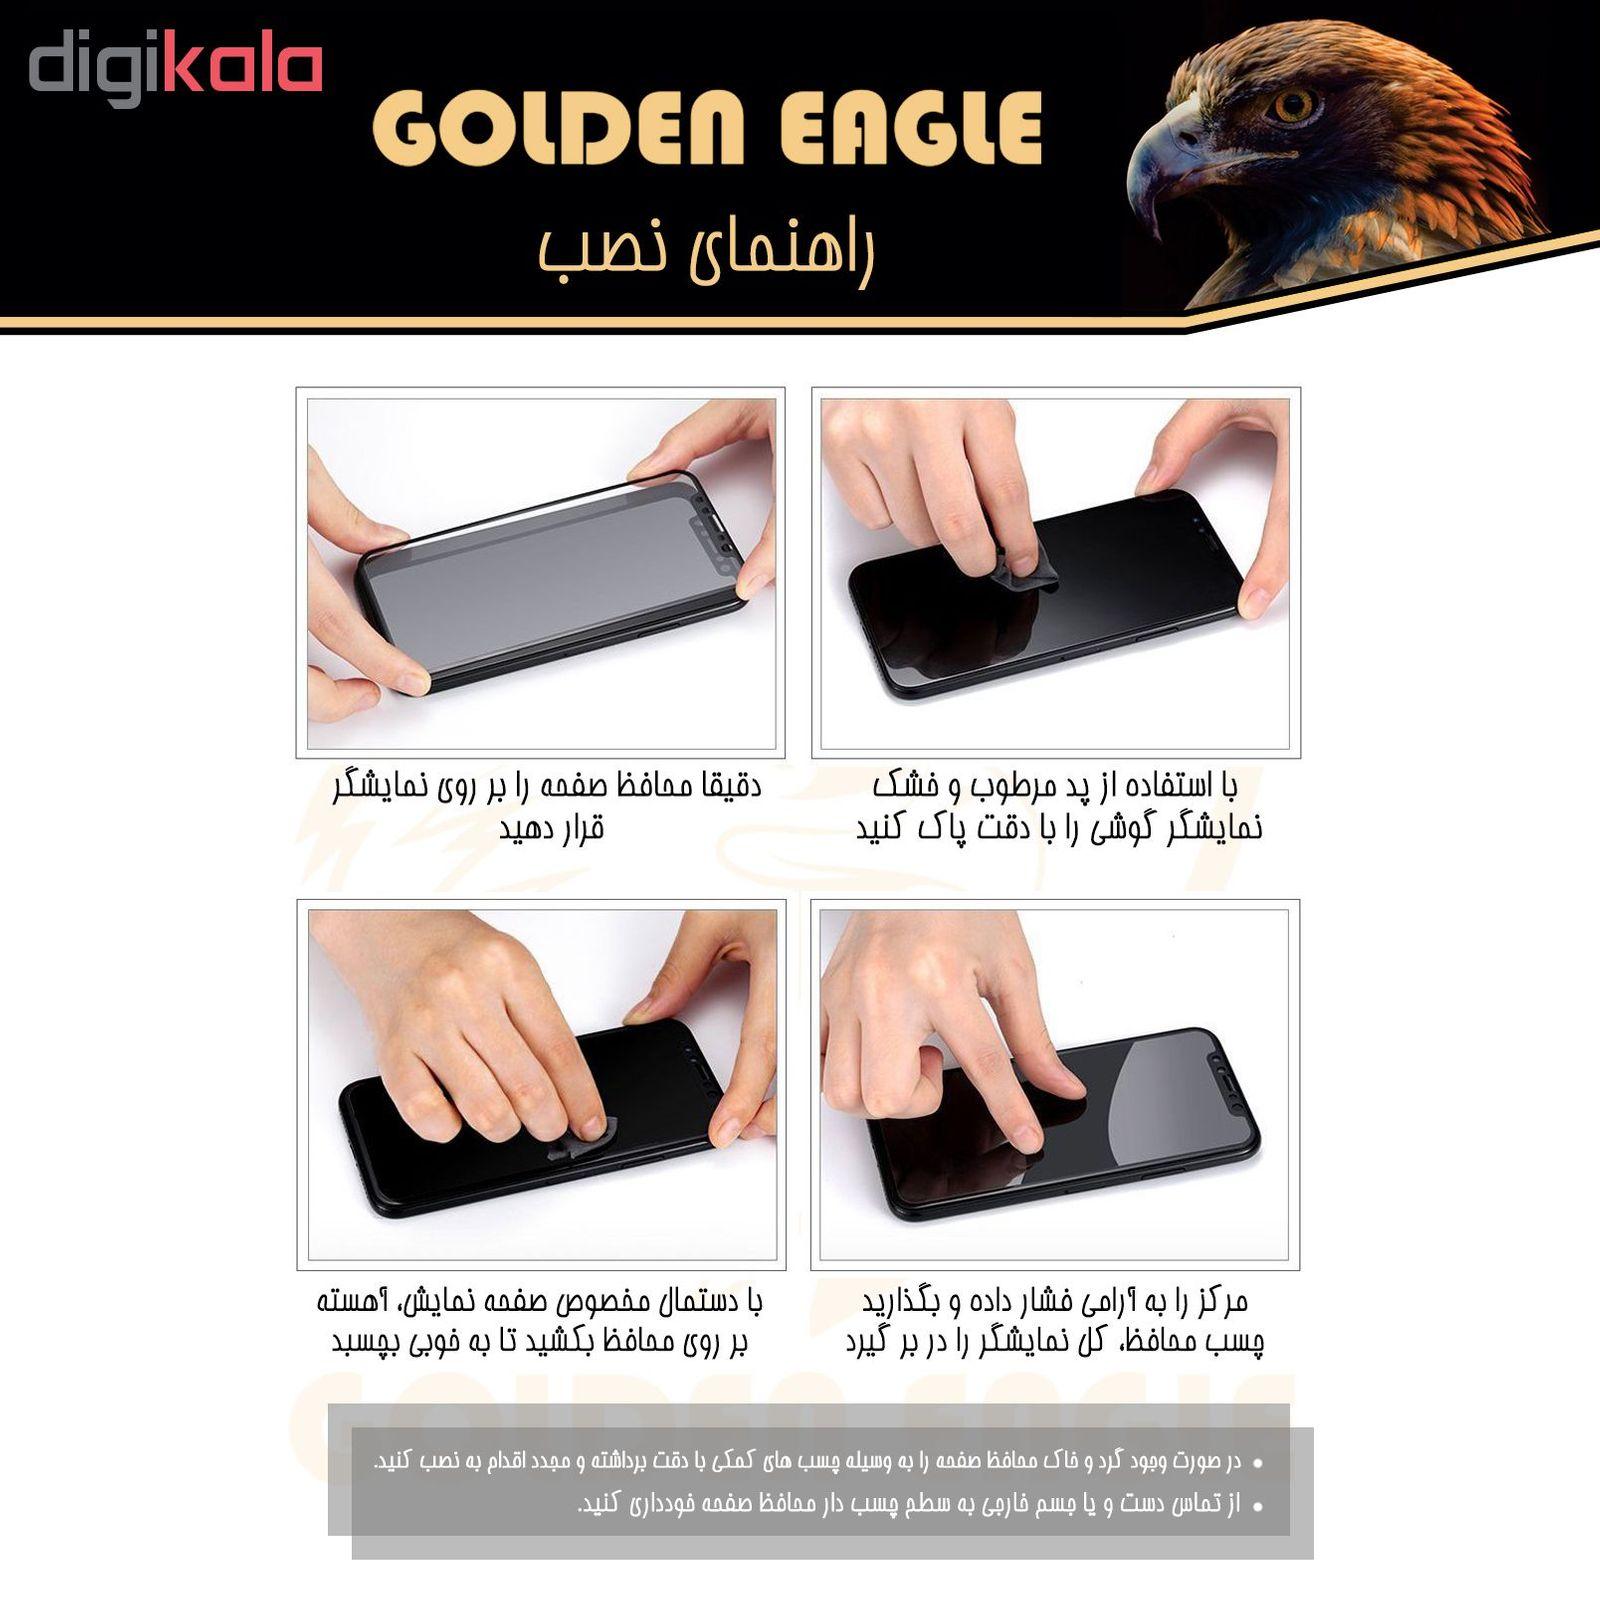 محافظ صفحه نمایش گلدن ایگل مدل GLC-X3 مناسب برای گوشی موبایل سامسونگ Galaxy A8 2018 بسته سه عددی main 1 4